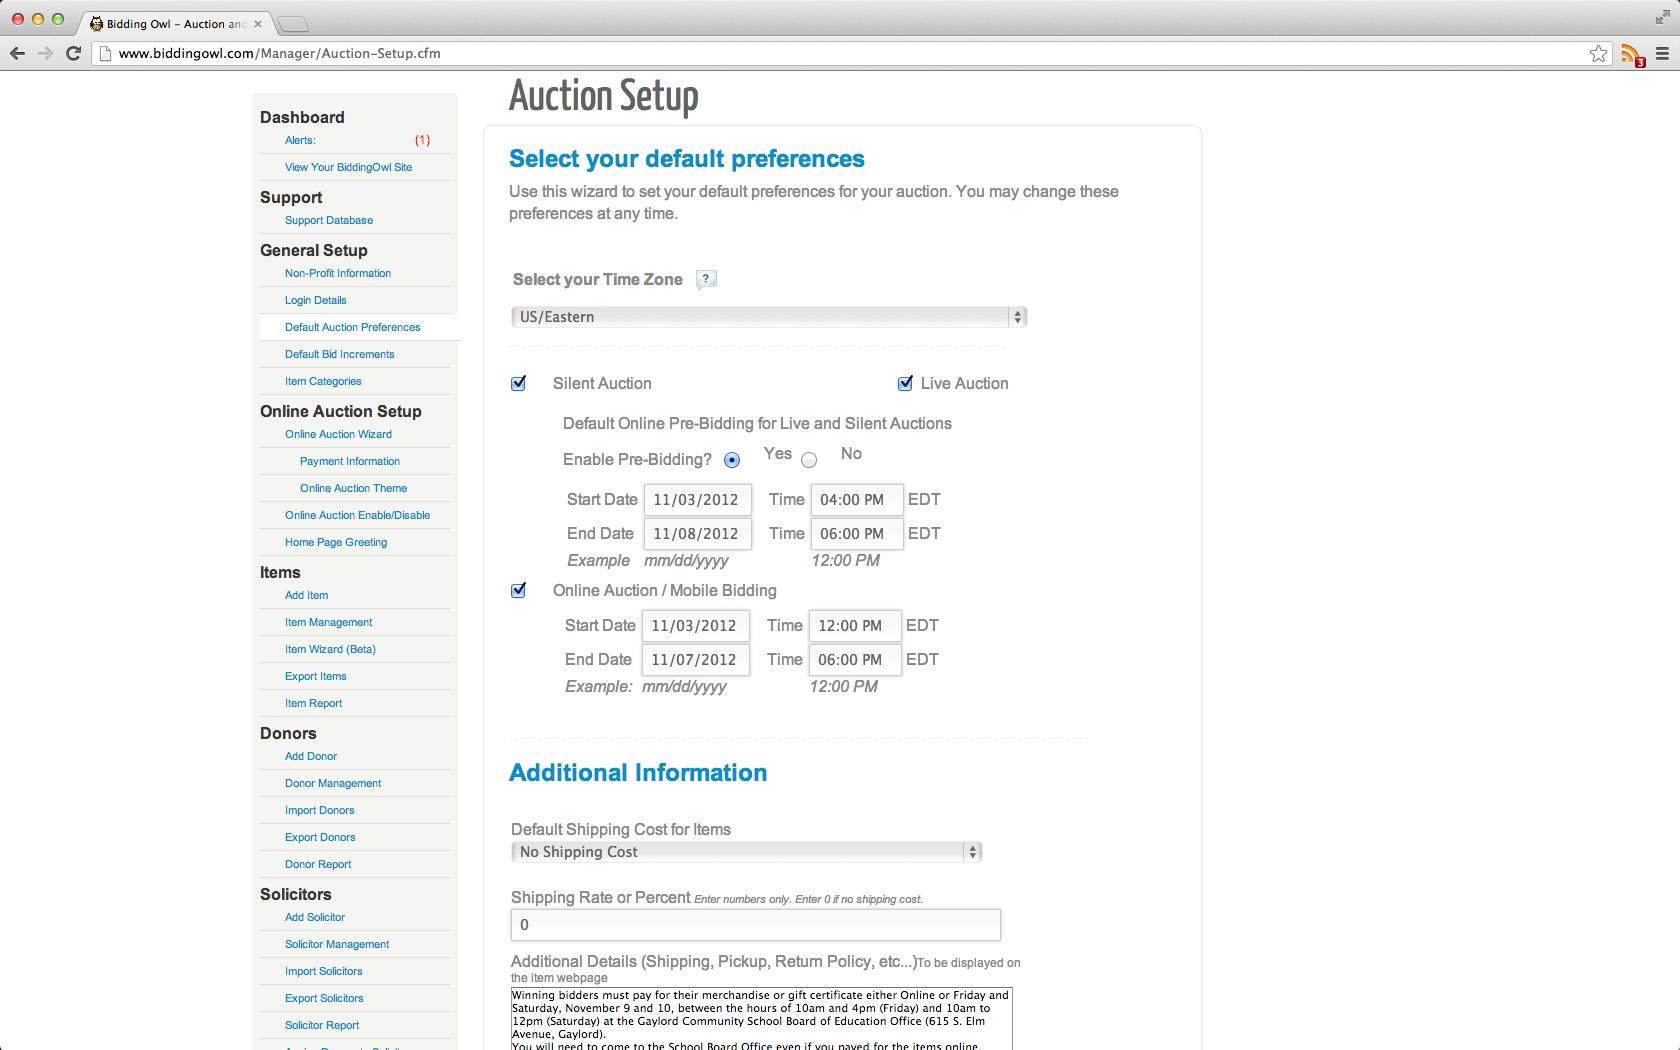 BiddingOwl auction setup